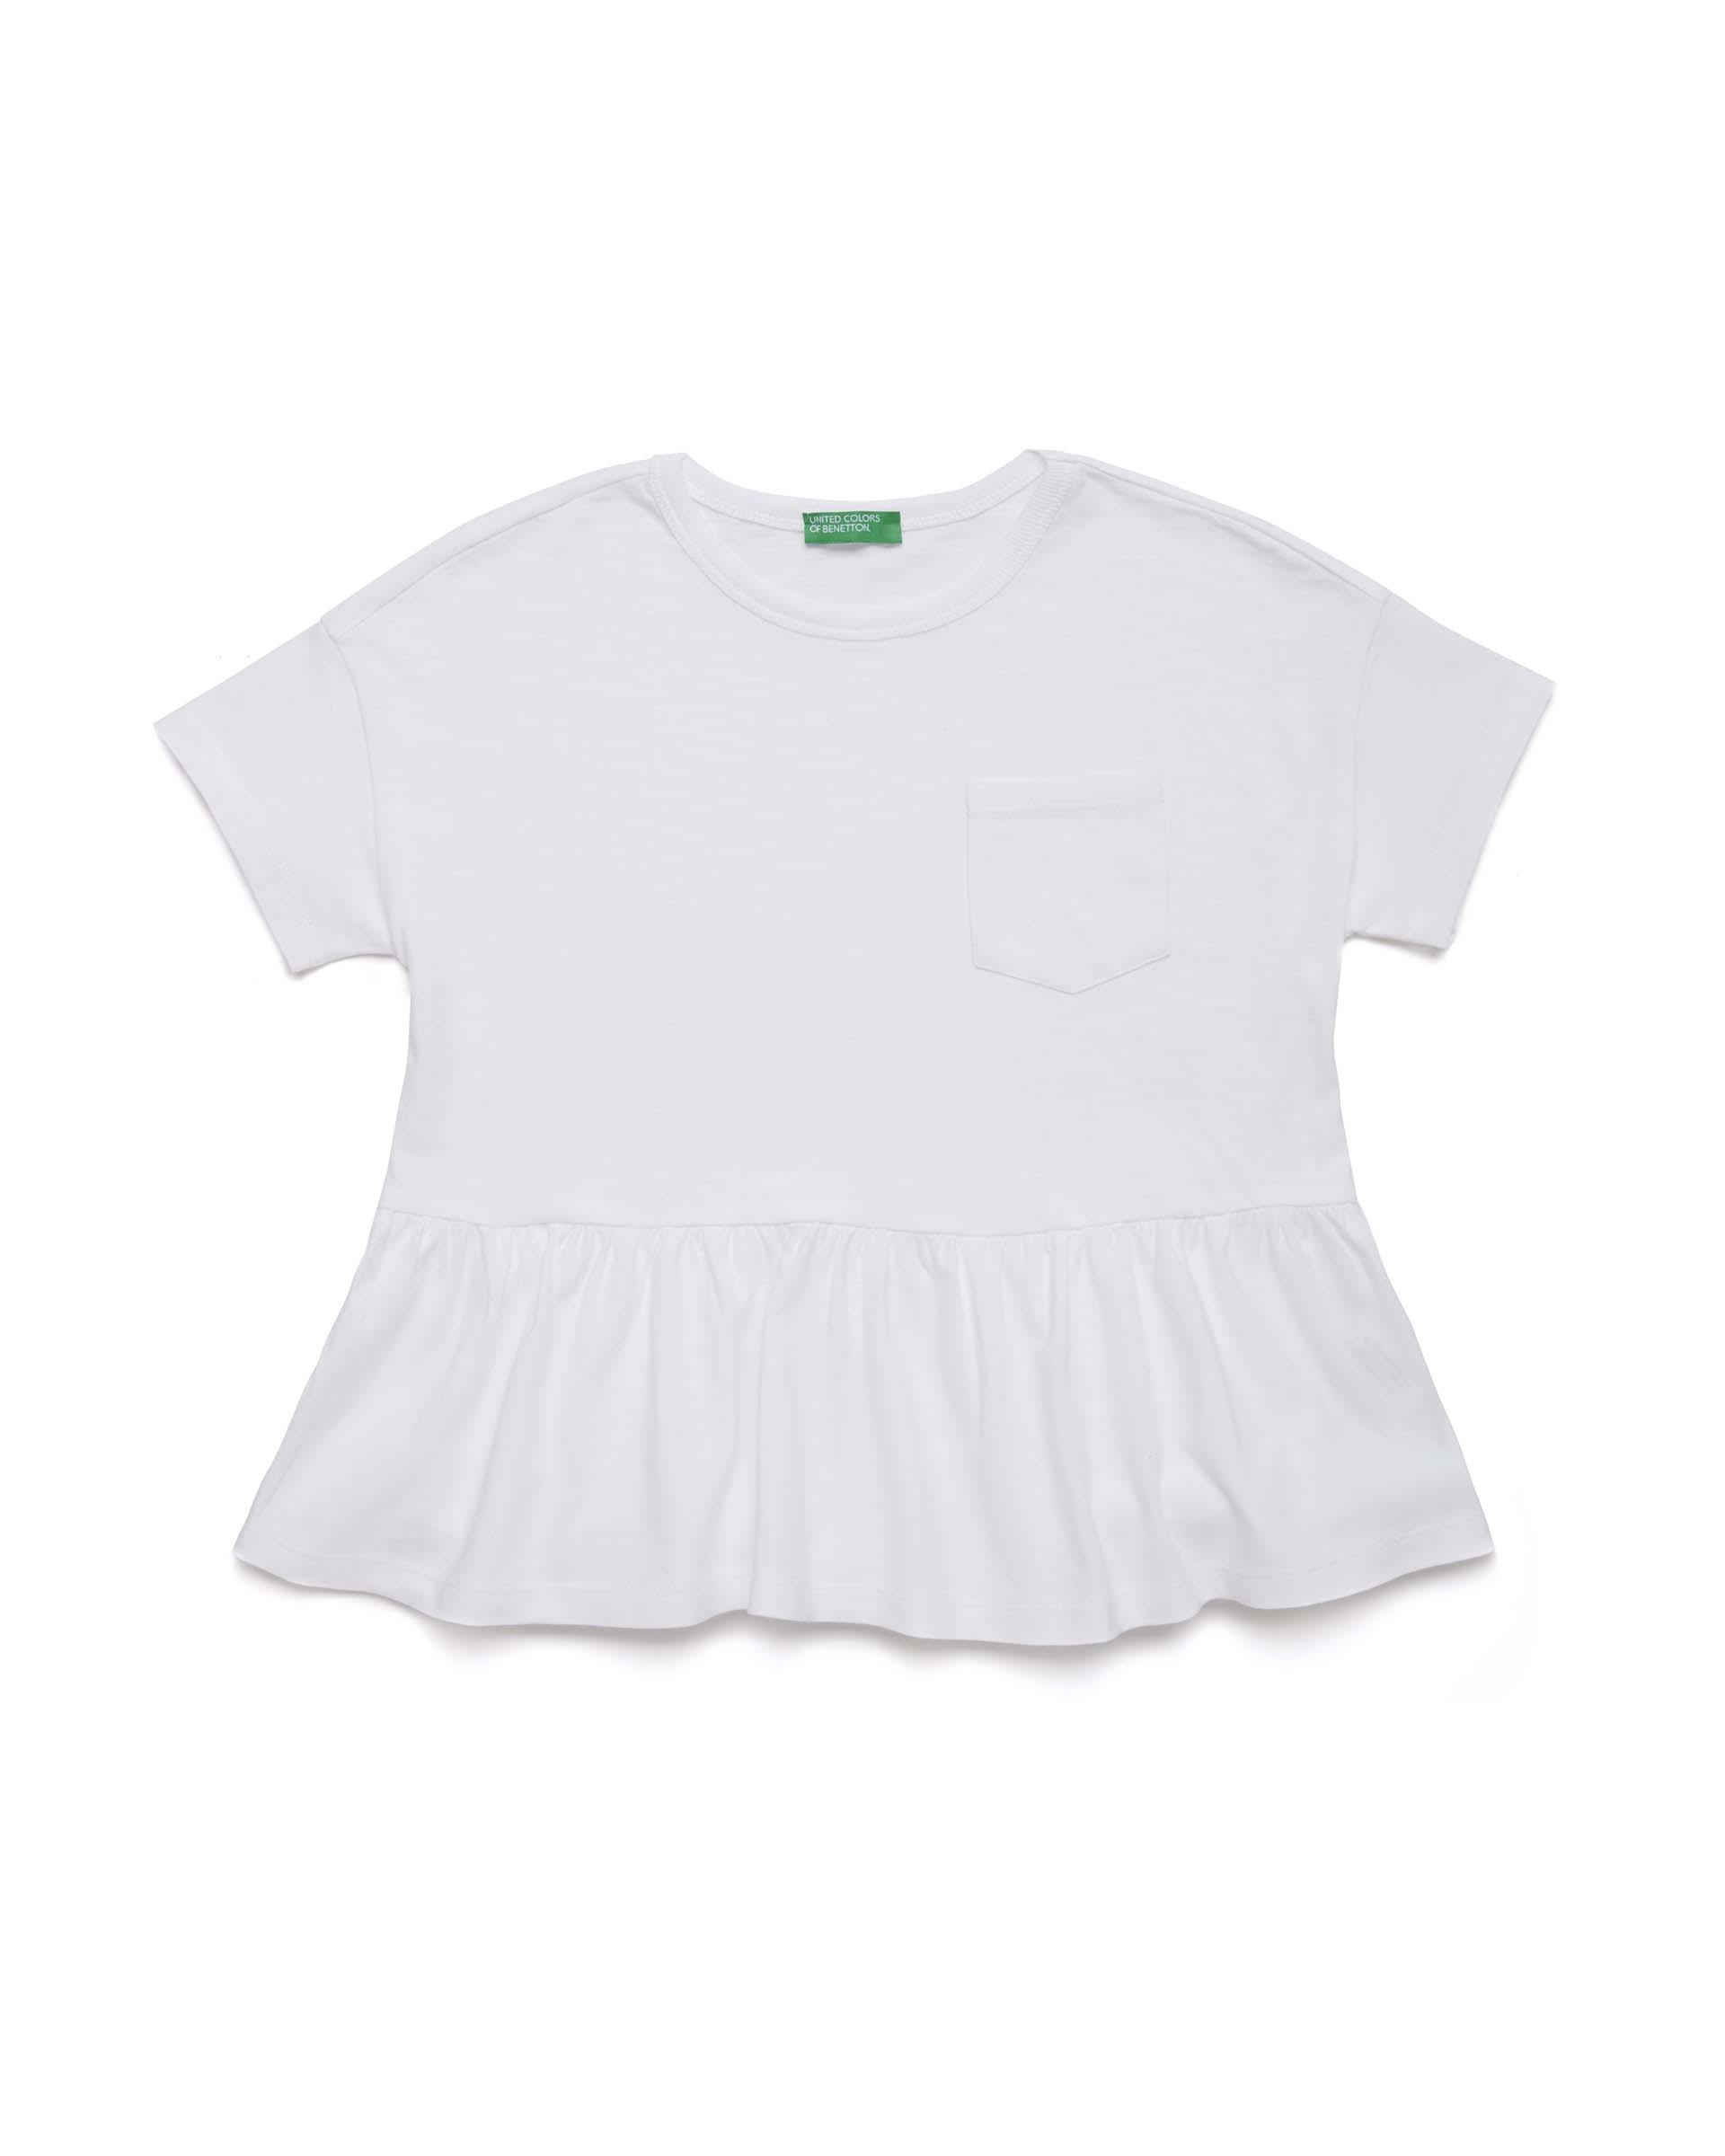 Купить 20P_3BVXC14LV_101, Футболка для девочек Benetton 3BVXC14LV_101 р-р 128, United Colors of Benetton, Футболки для девочек